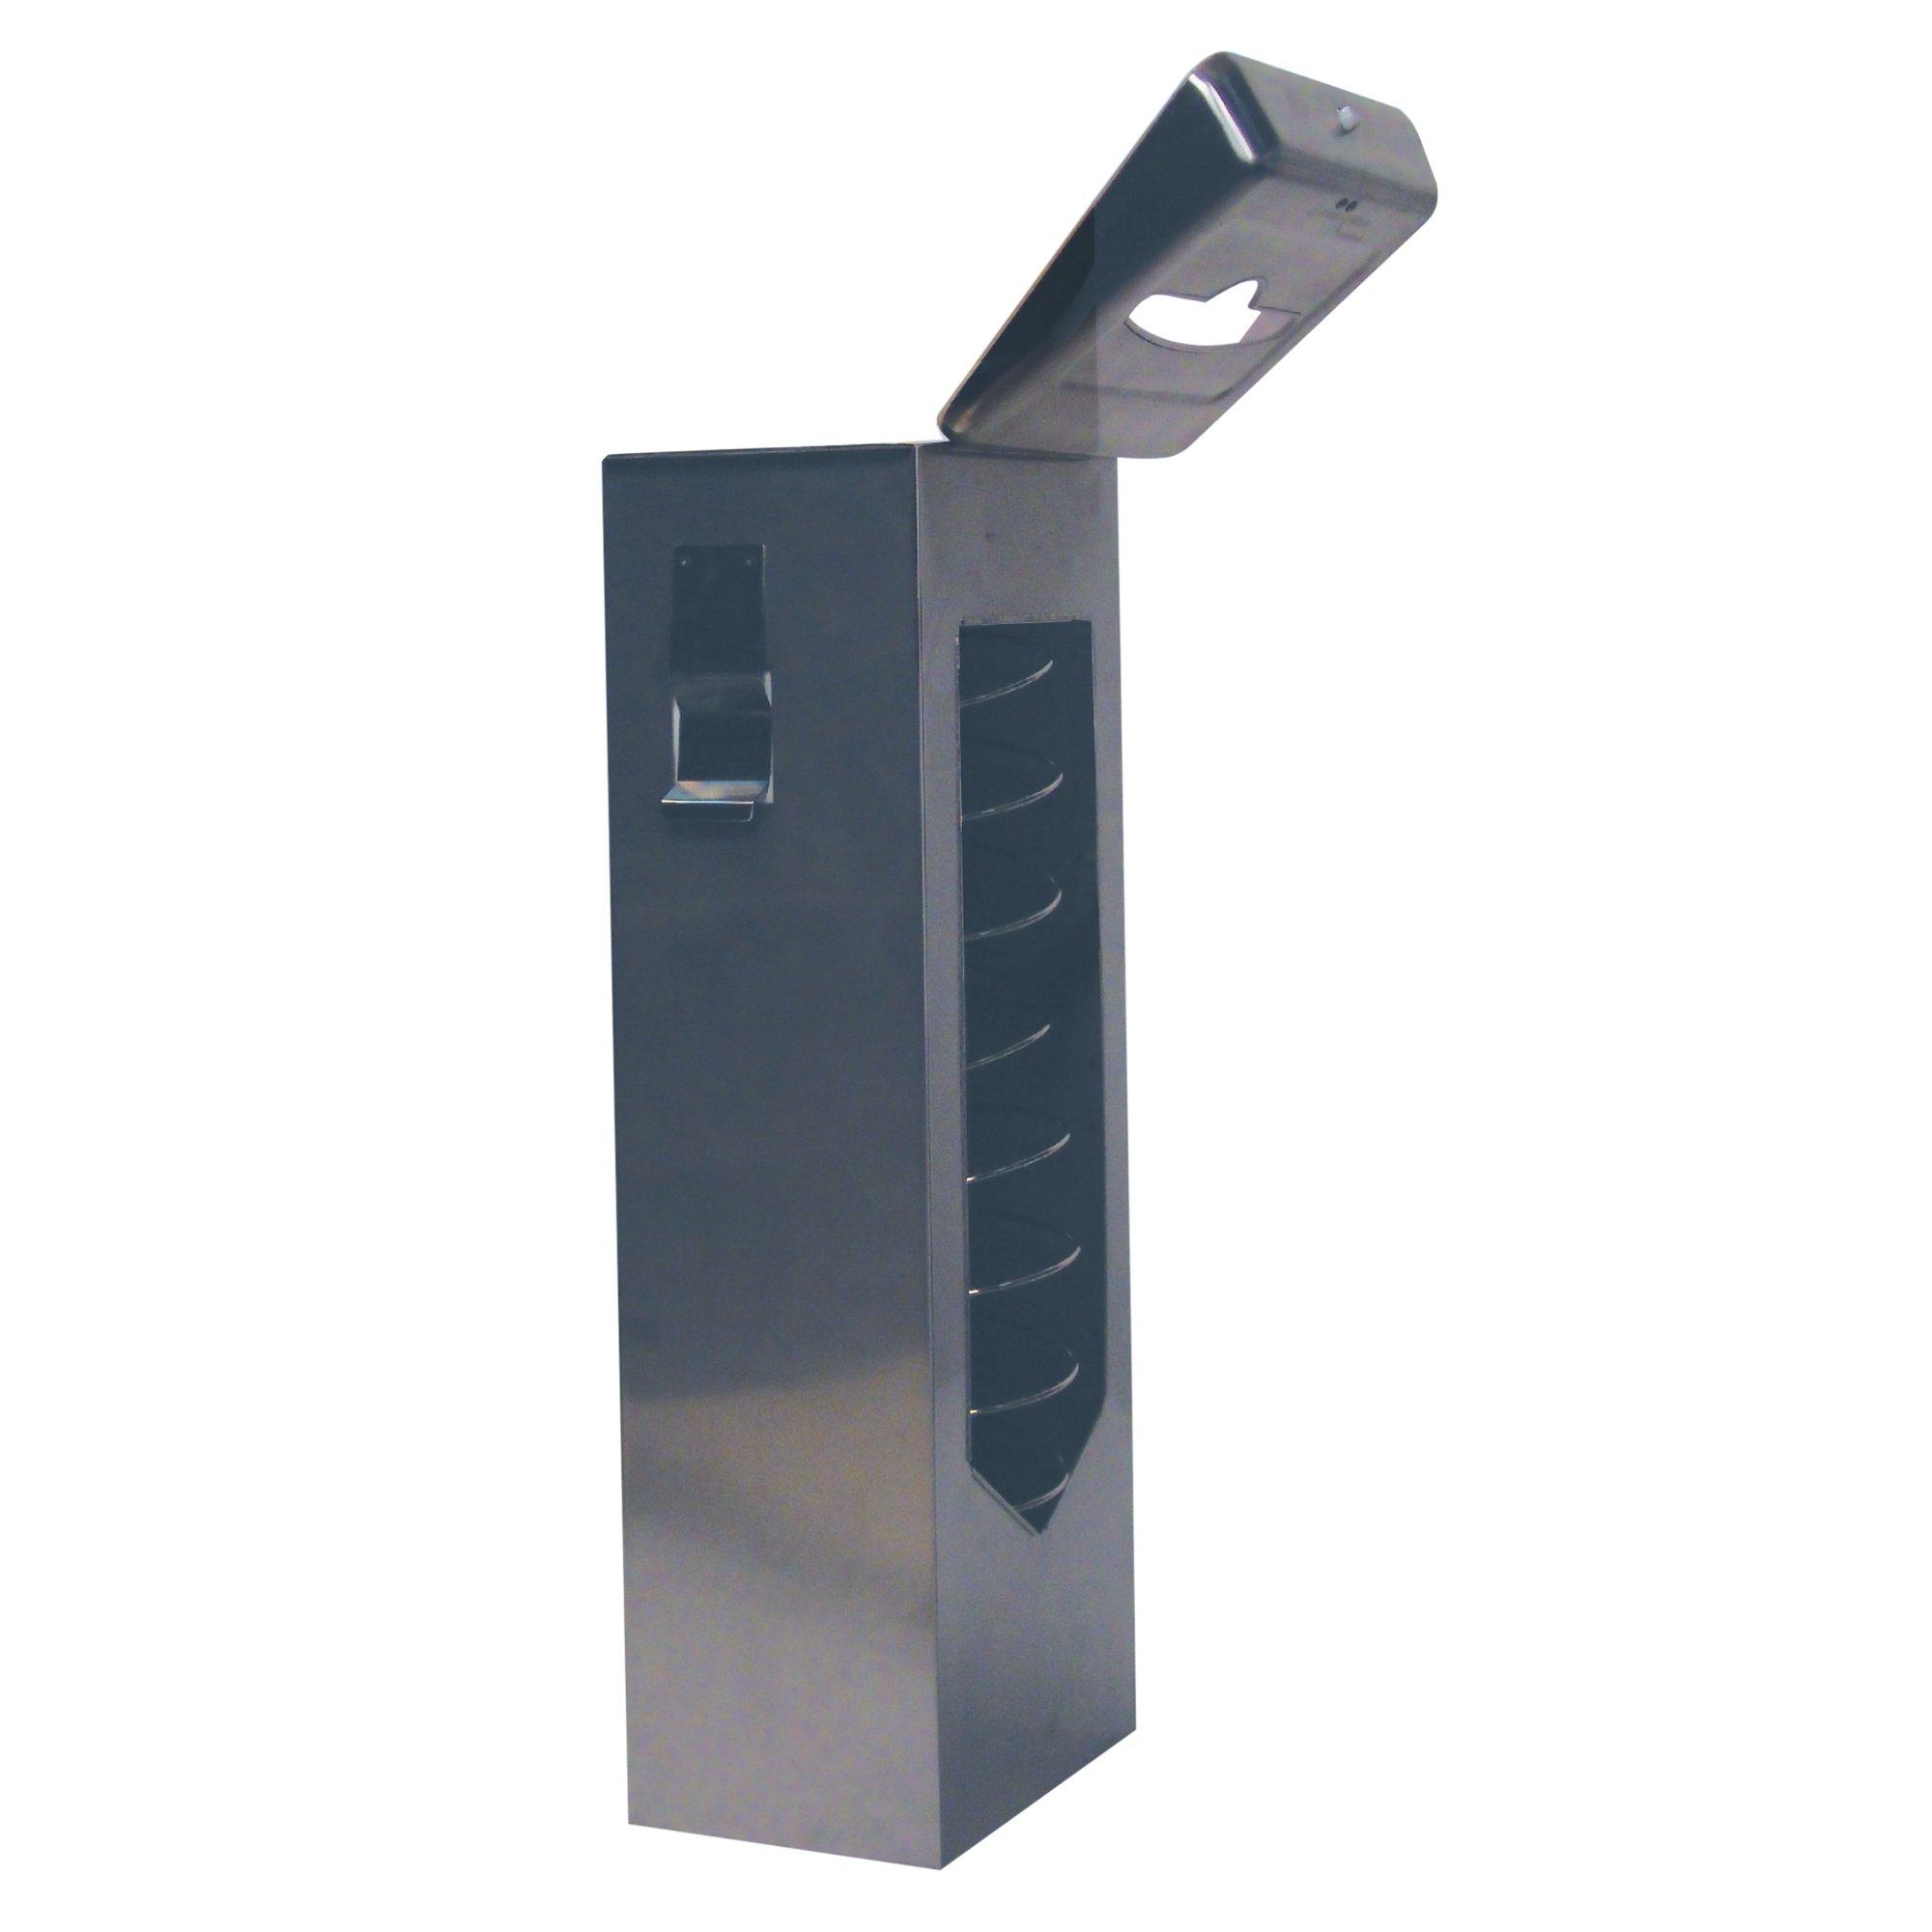 """Scott Mega Cartridge In-Counter Dispenser System (09064), For Scott Mega Cartridge Disposable Paper Napkins, 7"""" x 20"""" x 5.4"""", Stainless Steel, 1 Kit / Case"""